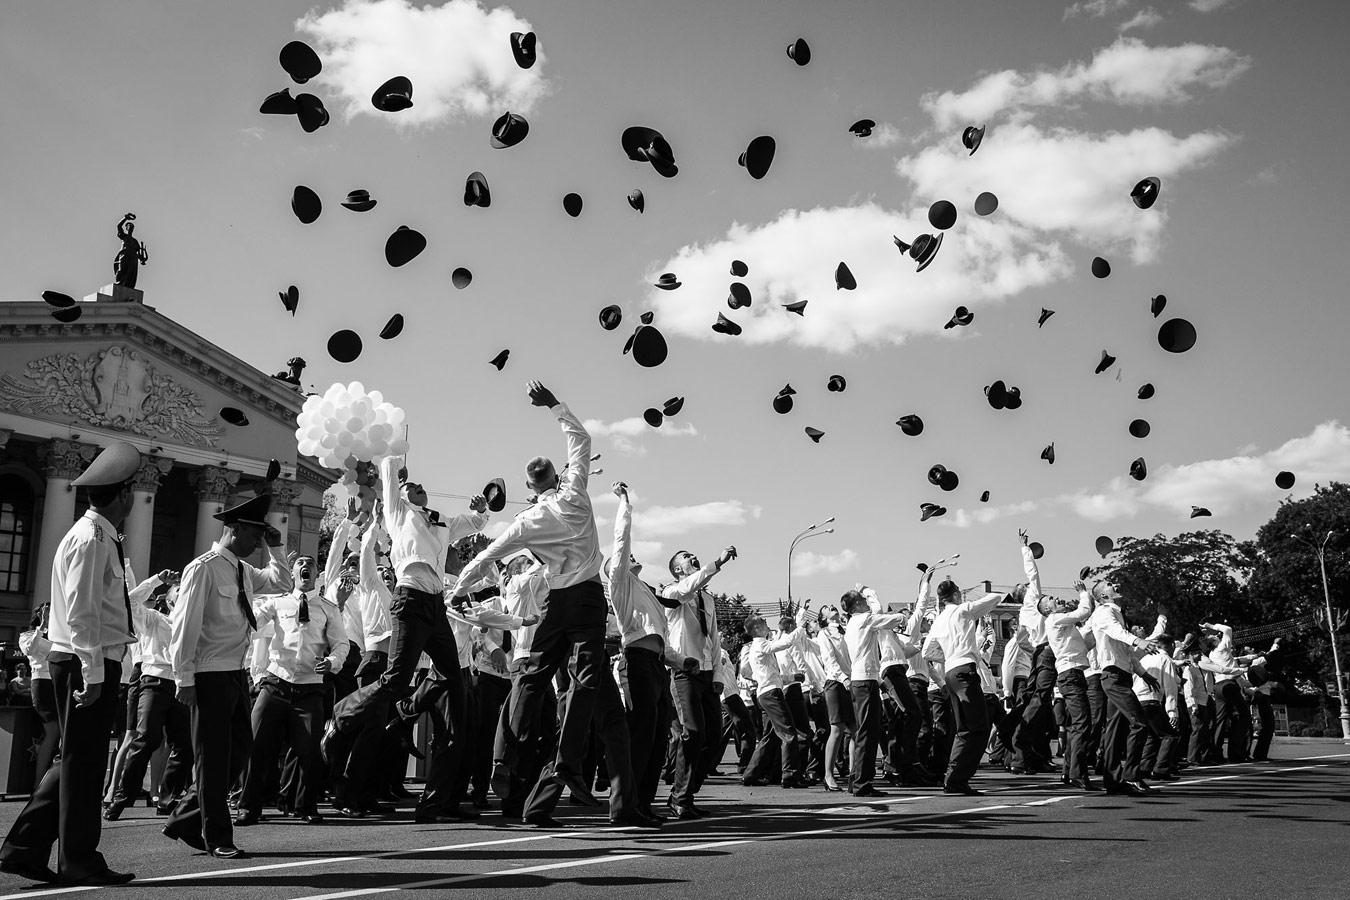 «Кадеты…», © Александр Врубель, Беларусь, Гомель, 3-я премия, Фотоконкурс «(За)фиксируй мир!»